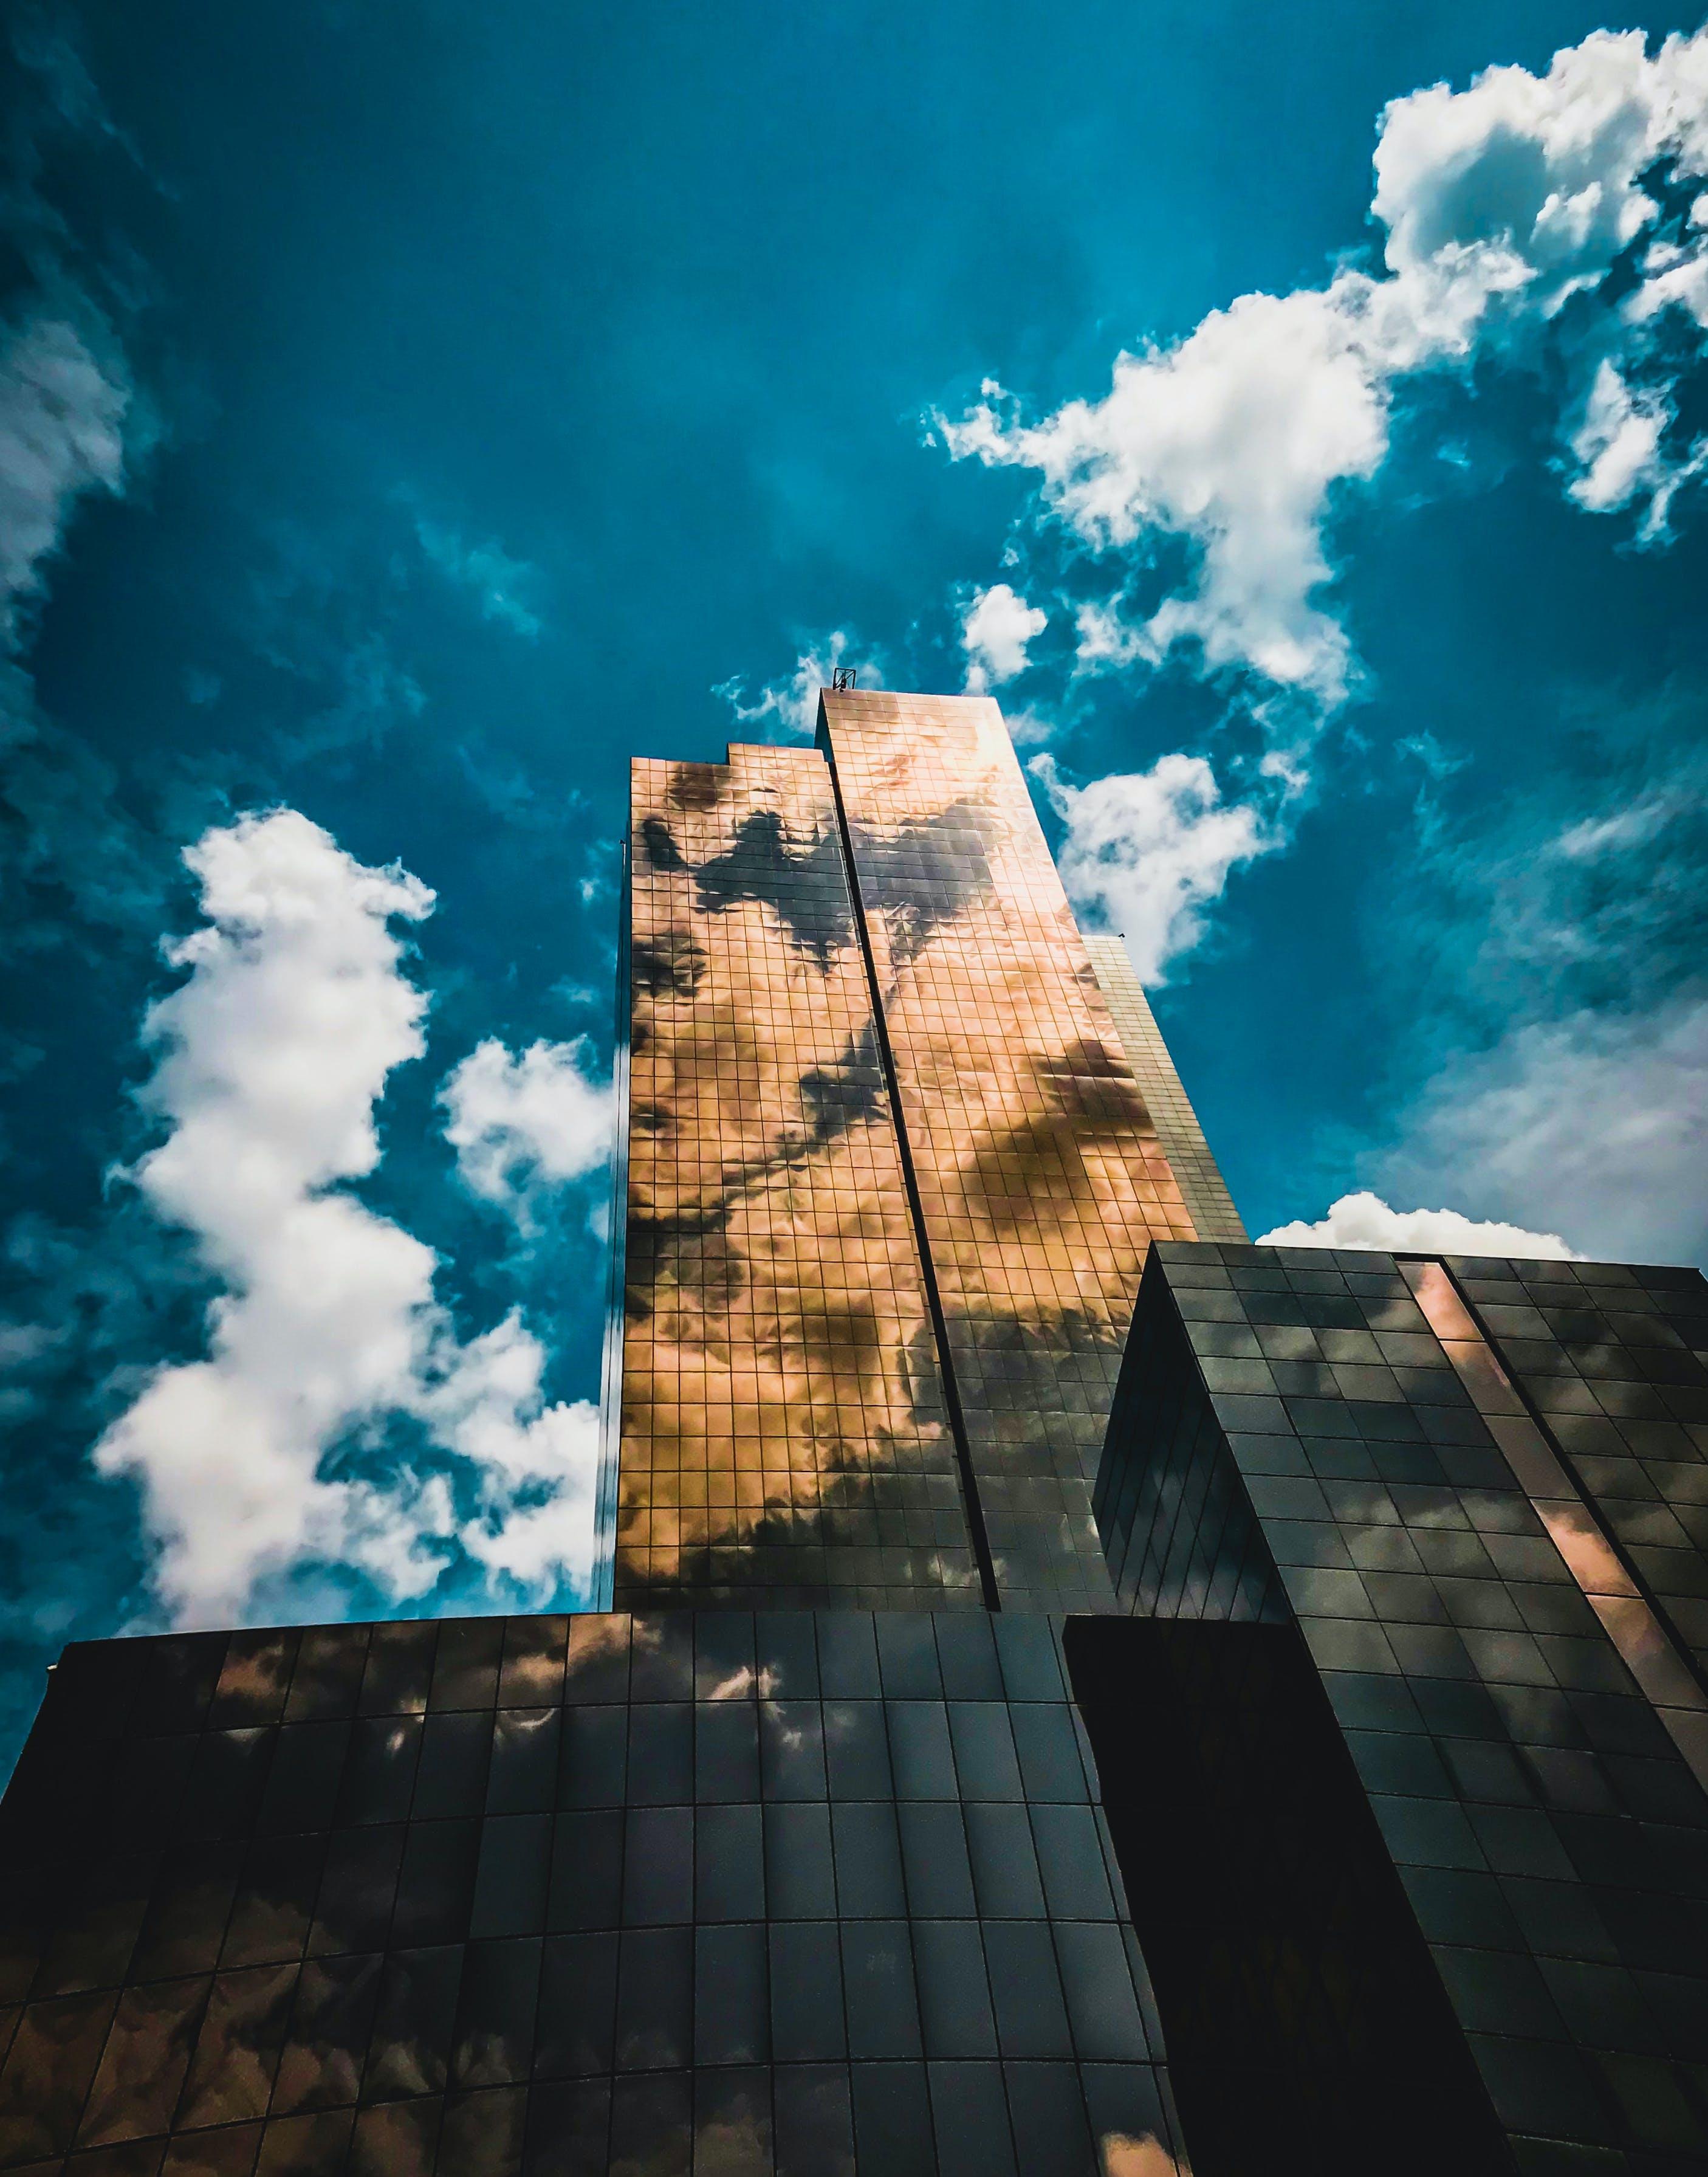 Ilmainen kuvapankkikuva tunnisteilla arkkitehdin suunnitelma, arkkitehtuuri, business, heijastus